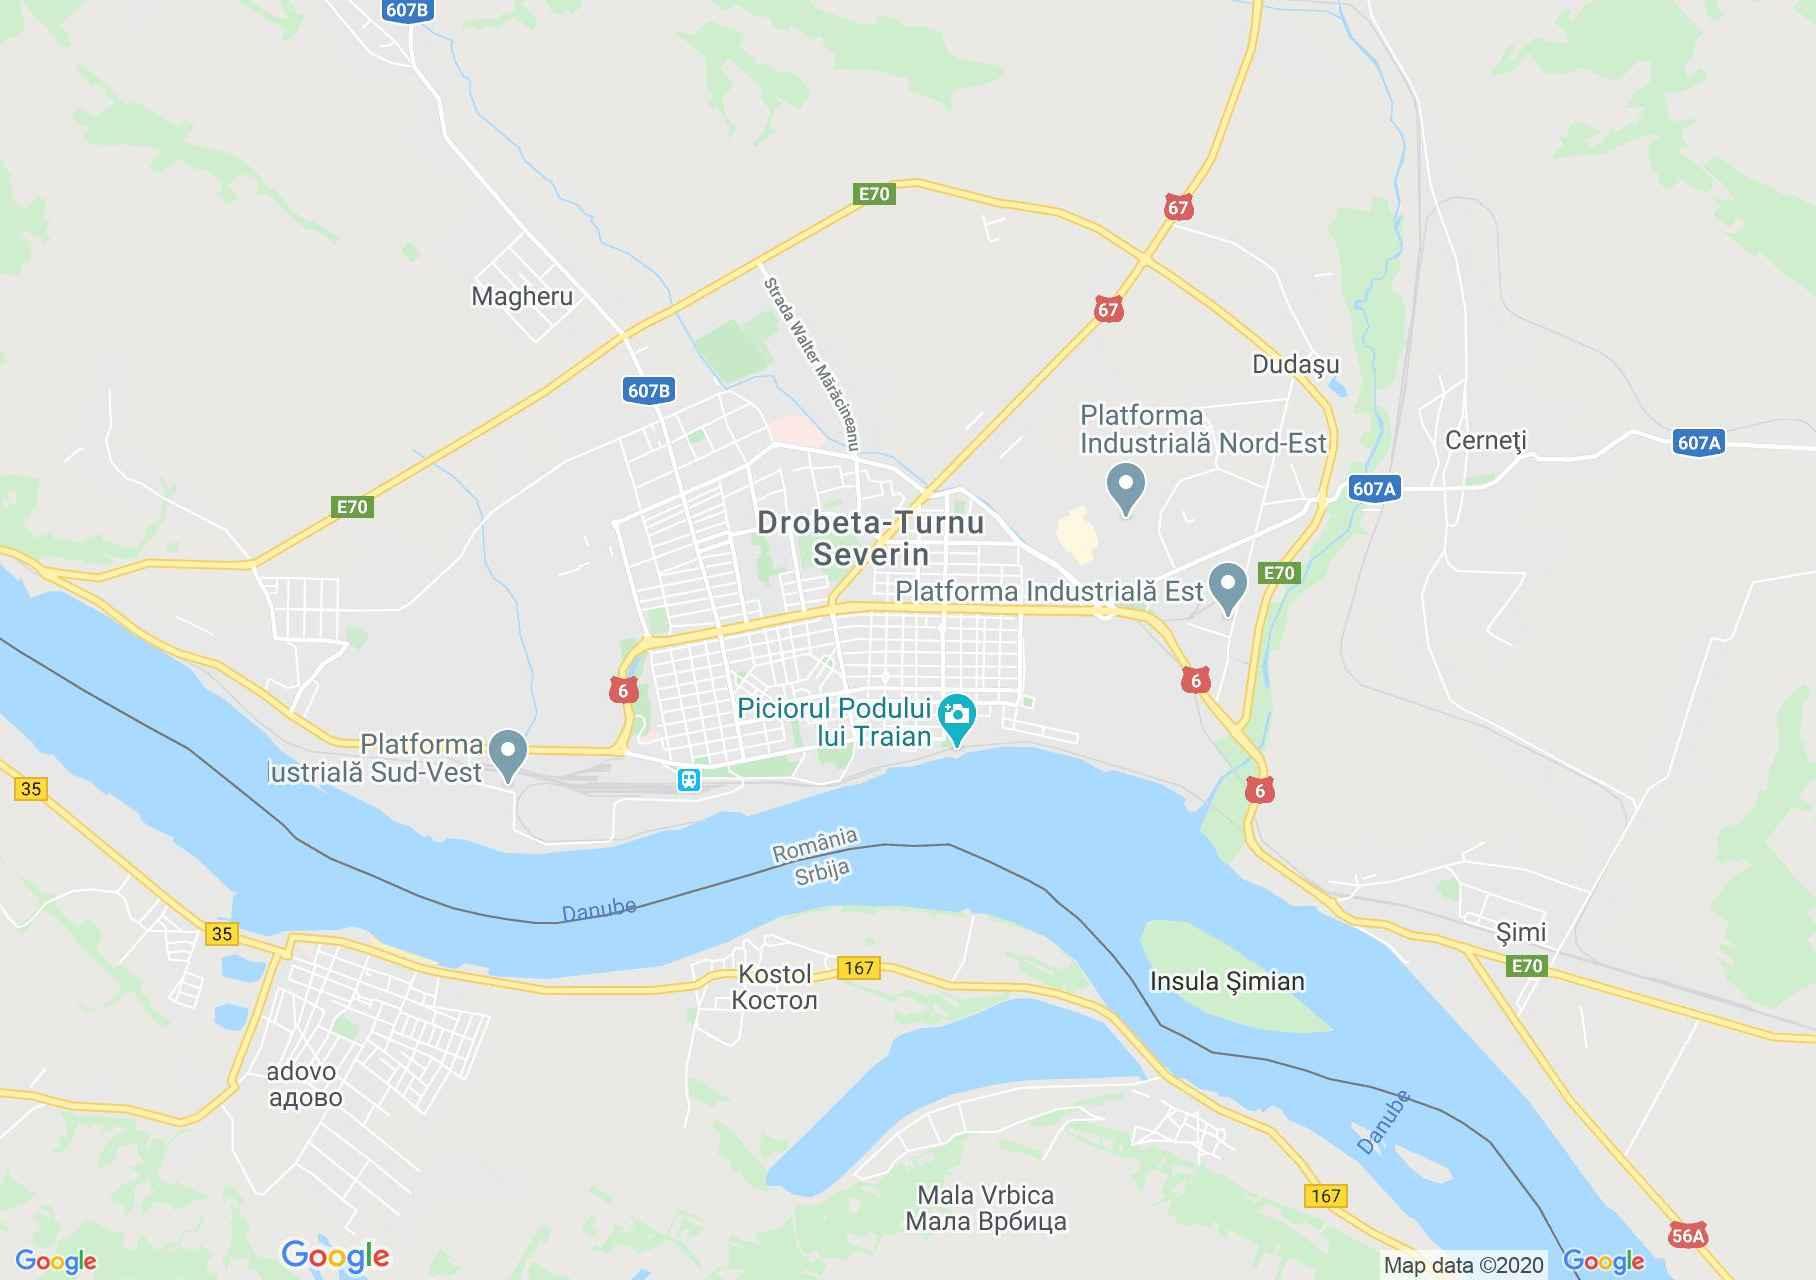 Drobeta-Turnu Severin, Harta turistică interactivă